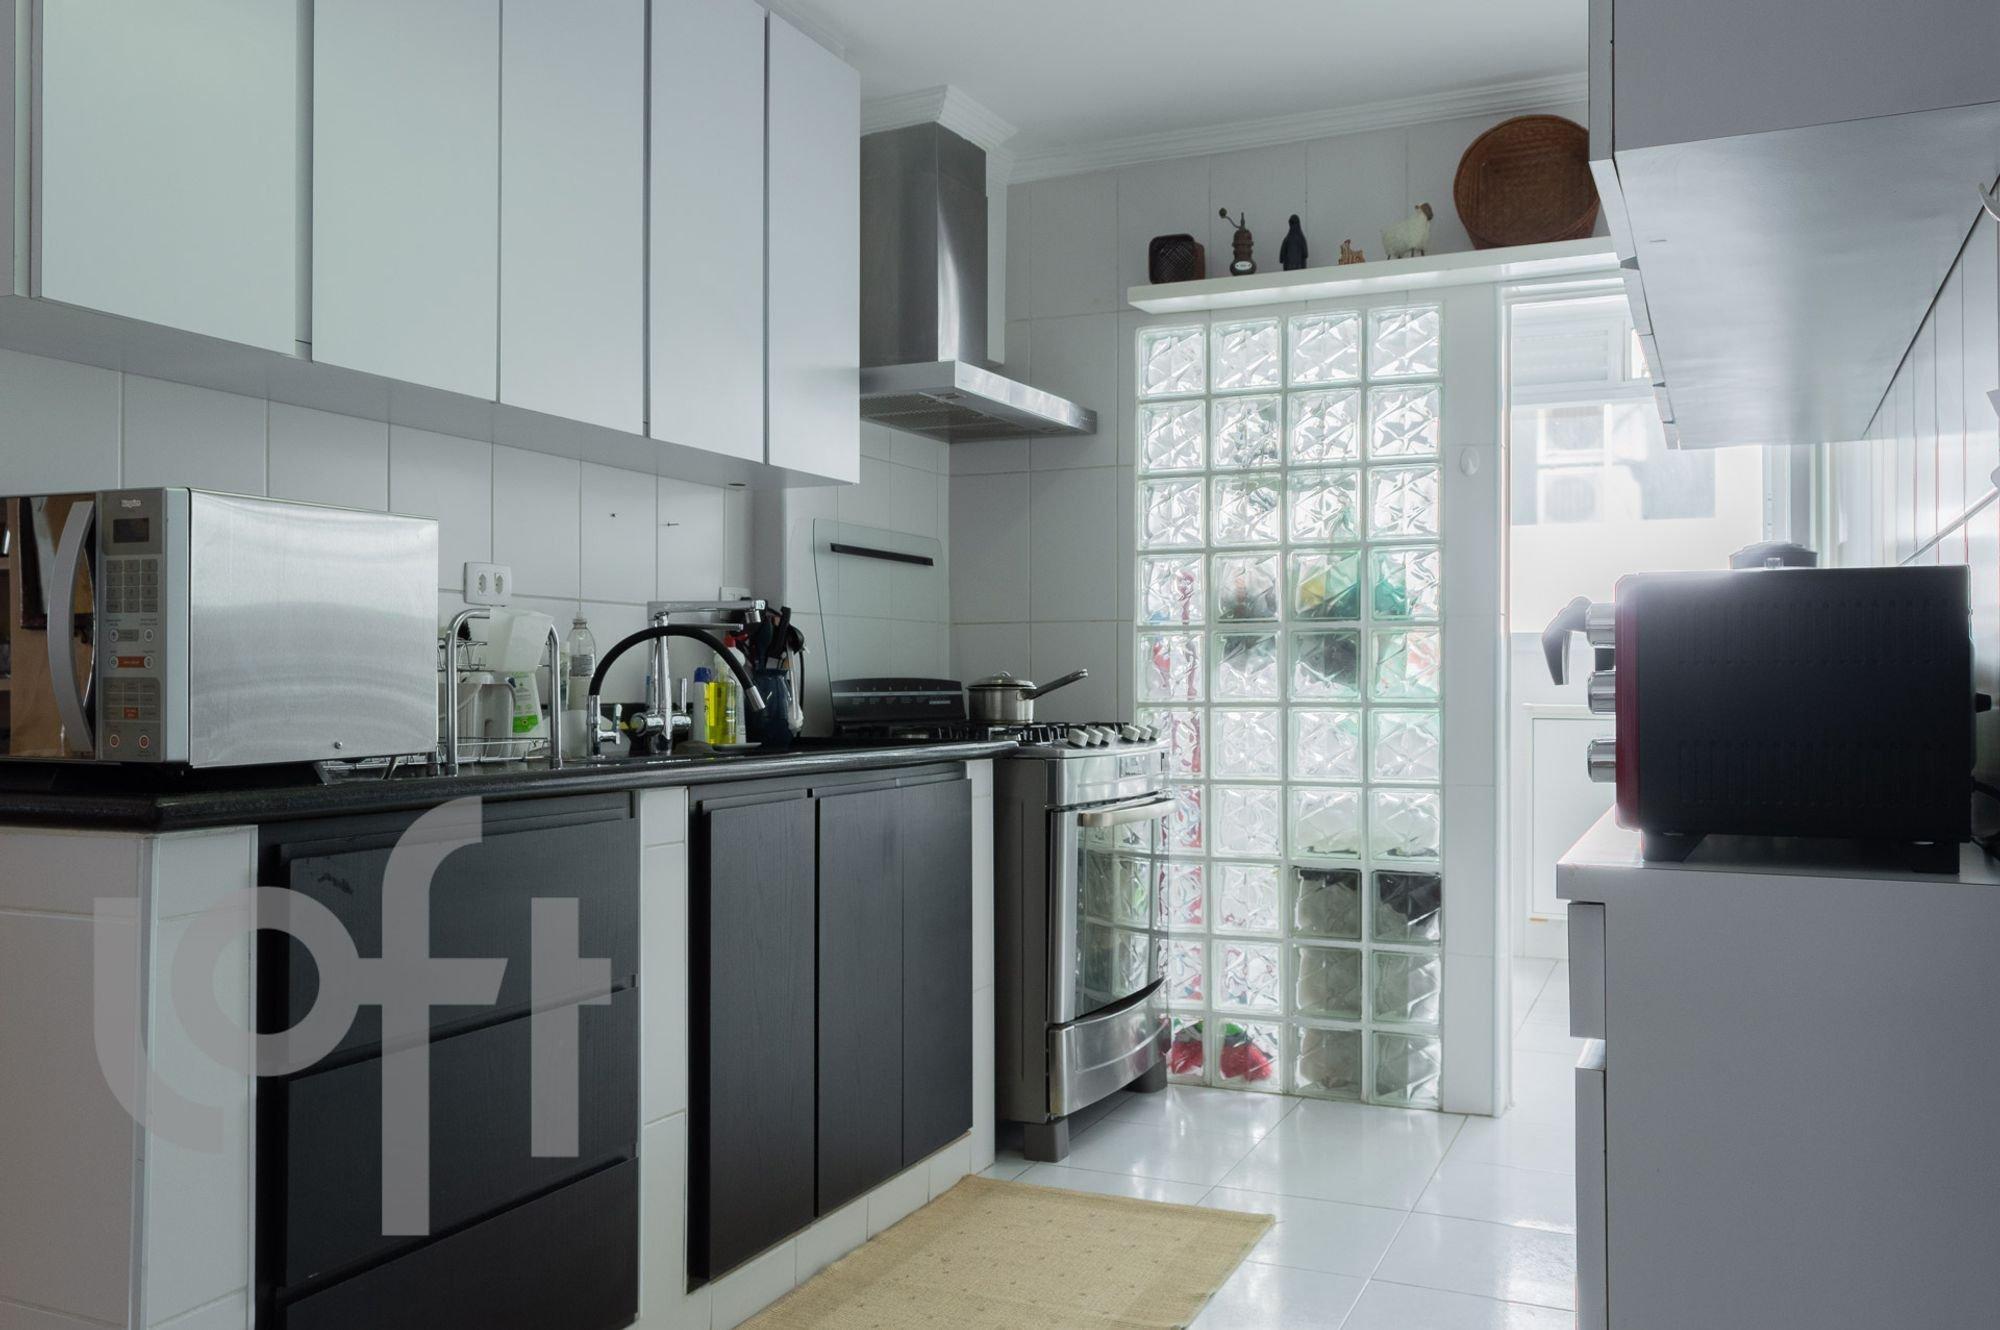 Foto de Cozinha com faca, vaso, garrafa, forno, microondas